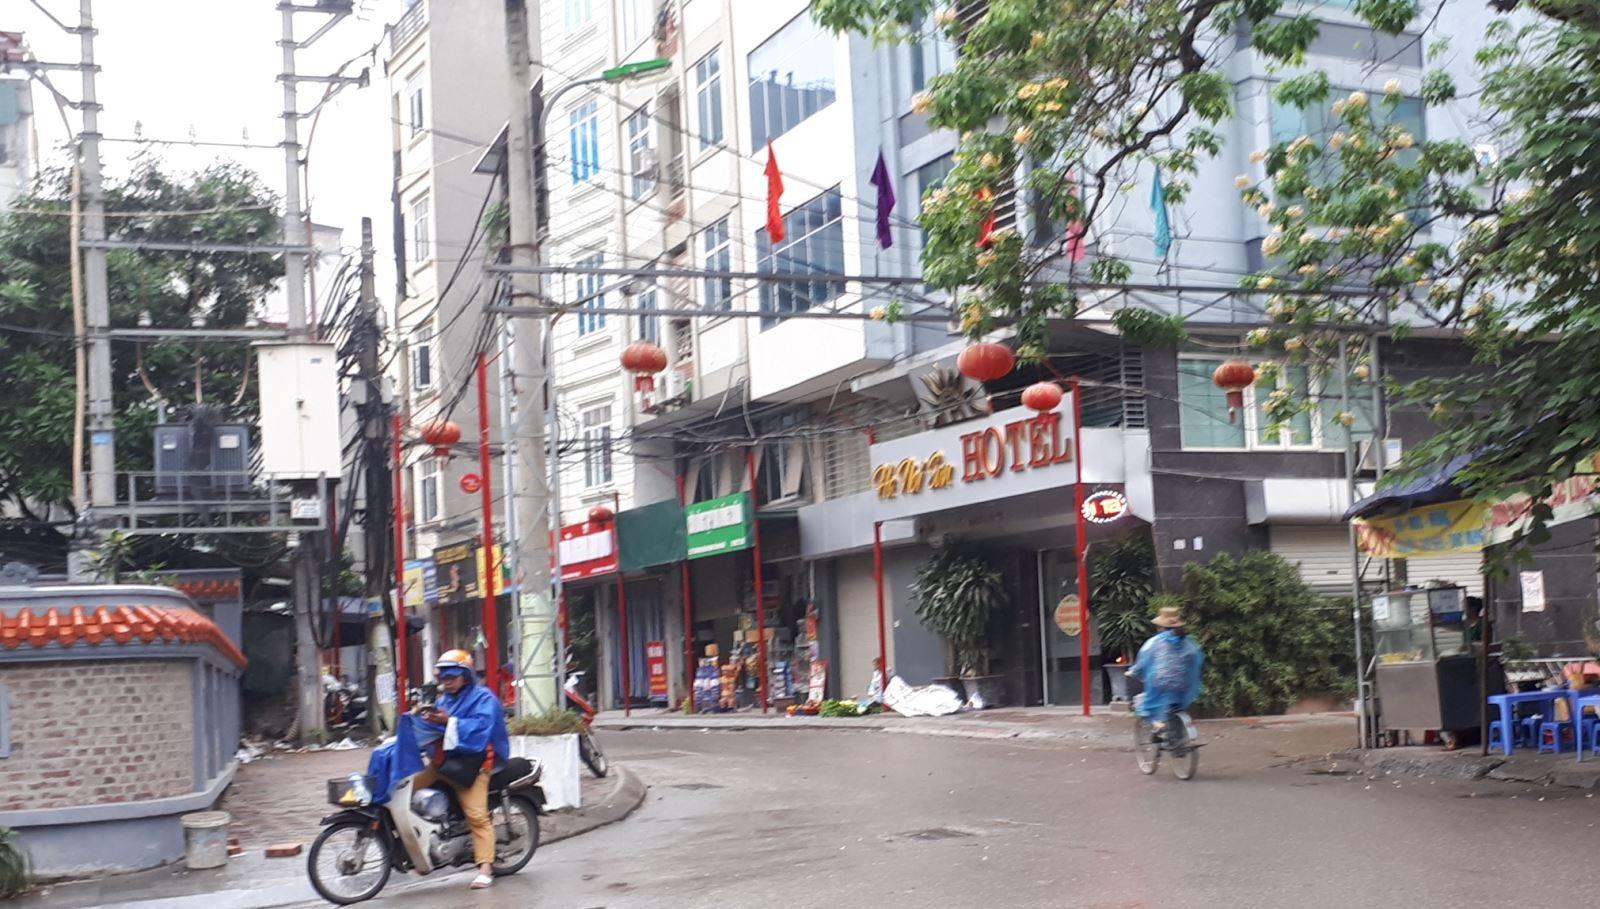 Lạ mắt với hàng cột, biển 'đồng phục' tại tuyến phố kiểu mẫu thứ 2 của Hà Nội - Ảnh 9.